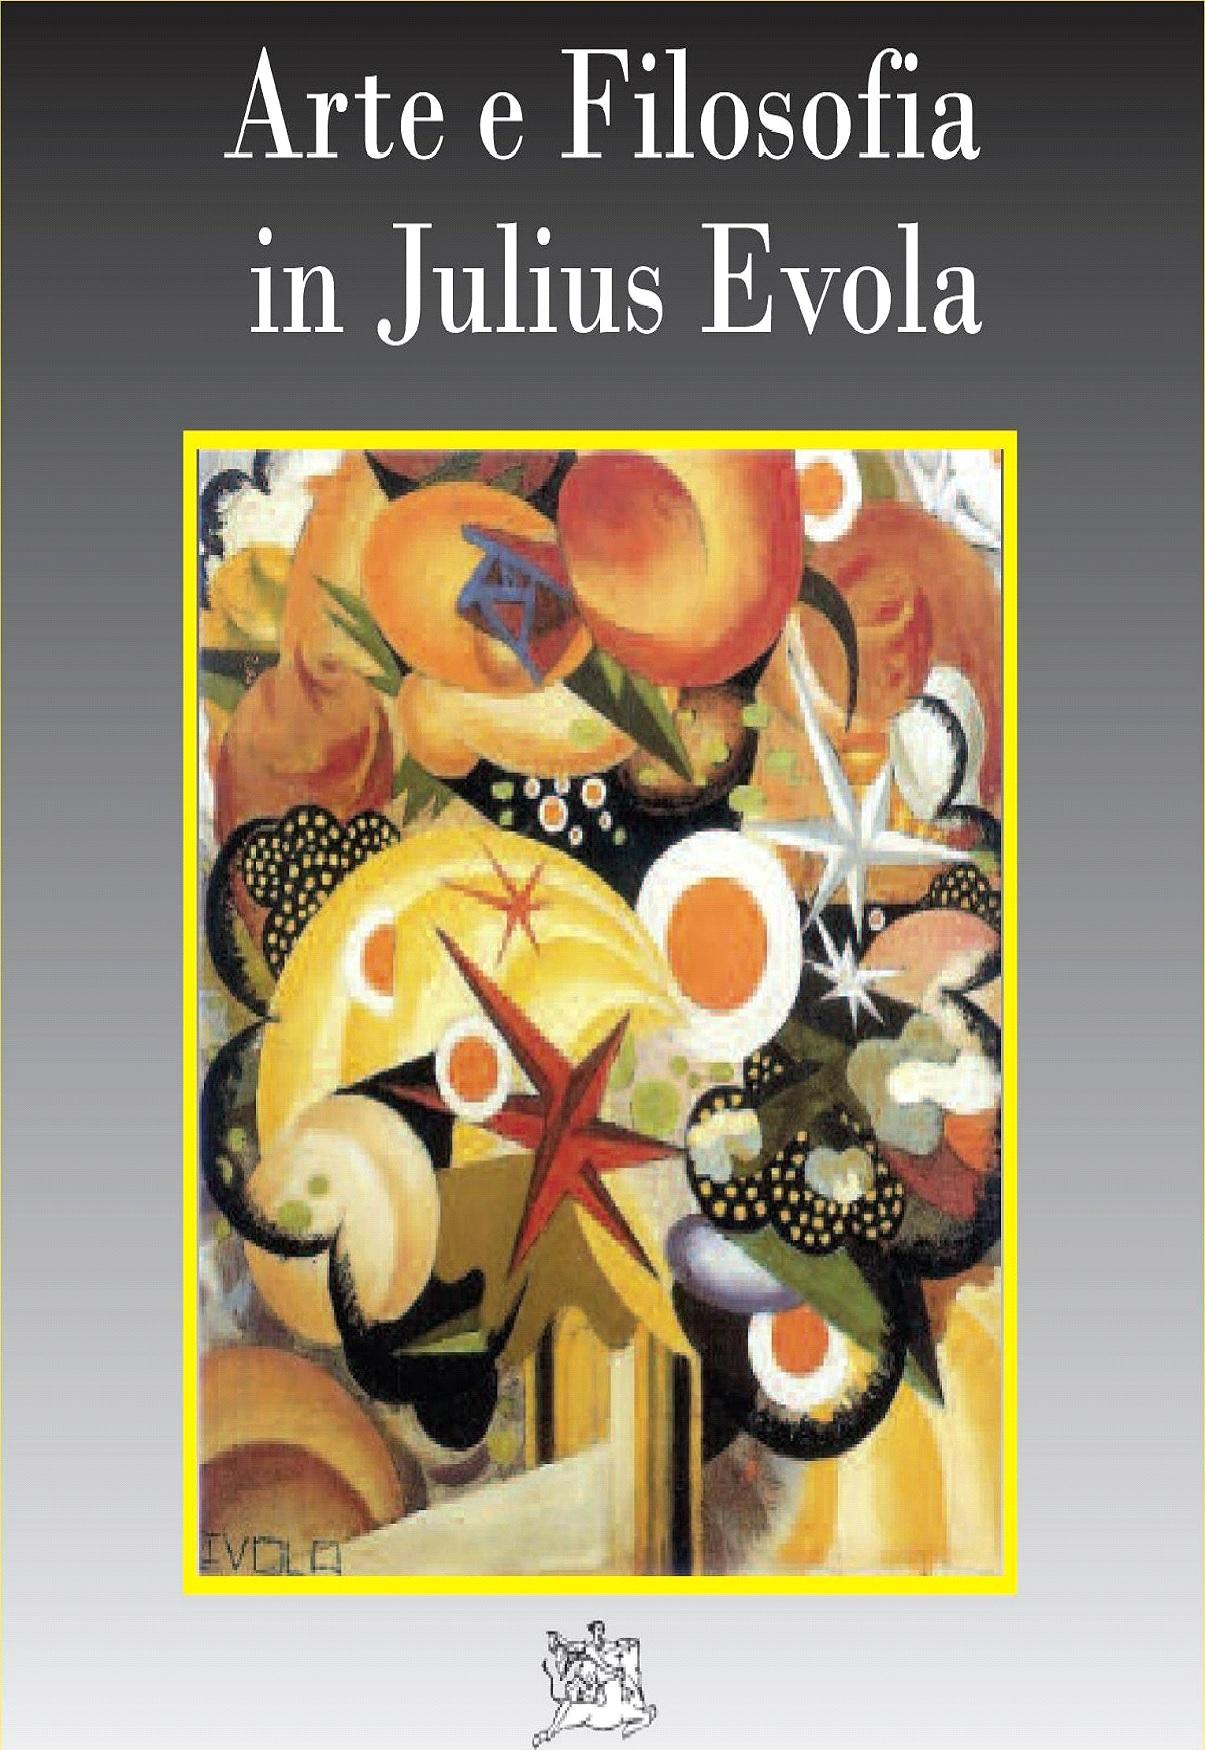 Riflessioni sullo Julius Evola di Gian Franco Lami – a cura di Riccardo Scarpa